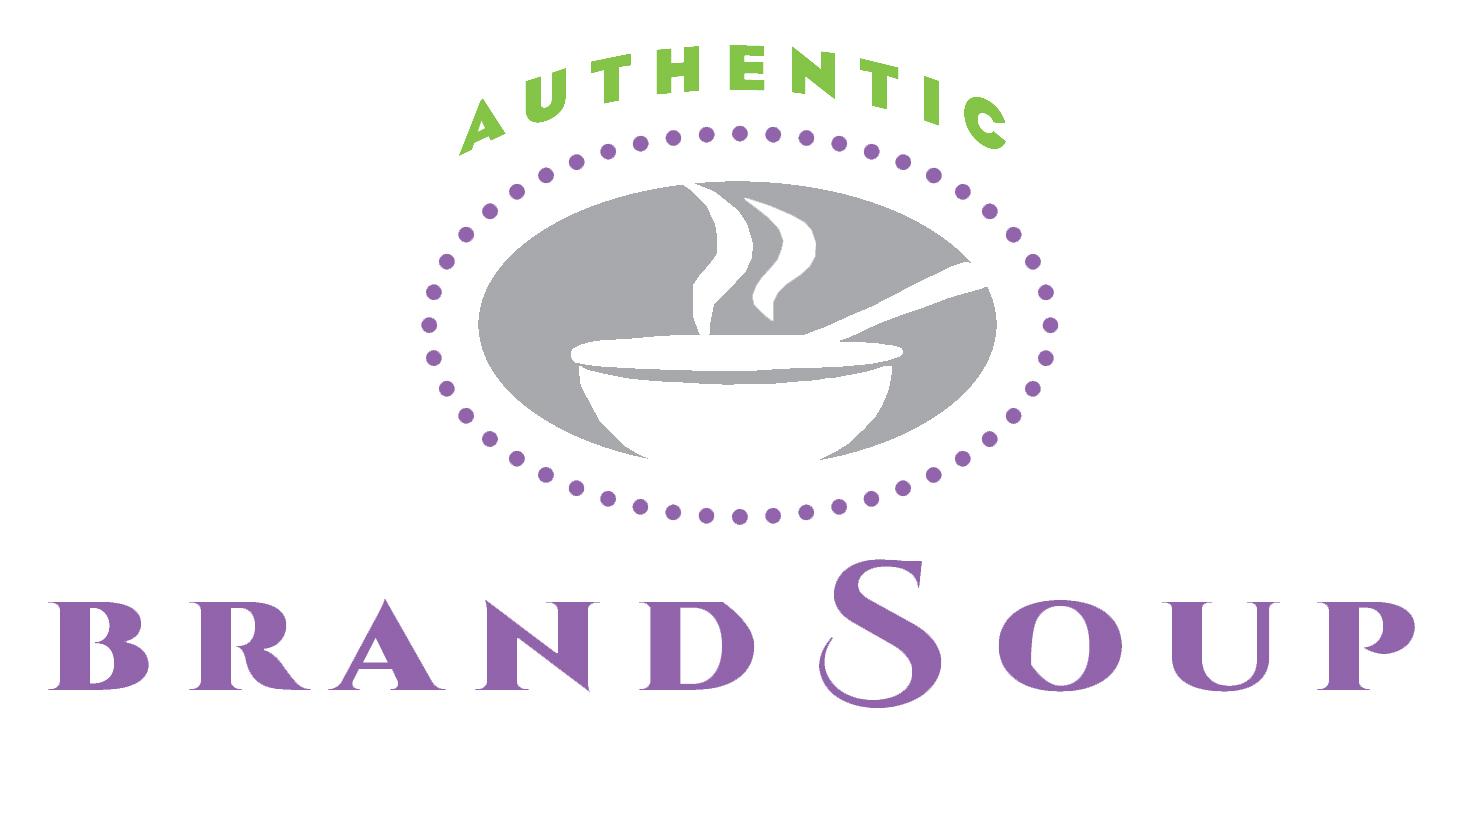 Brand Soup 1.jpg